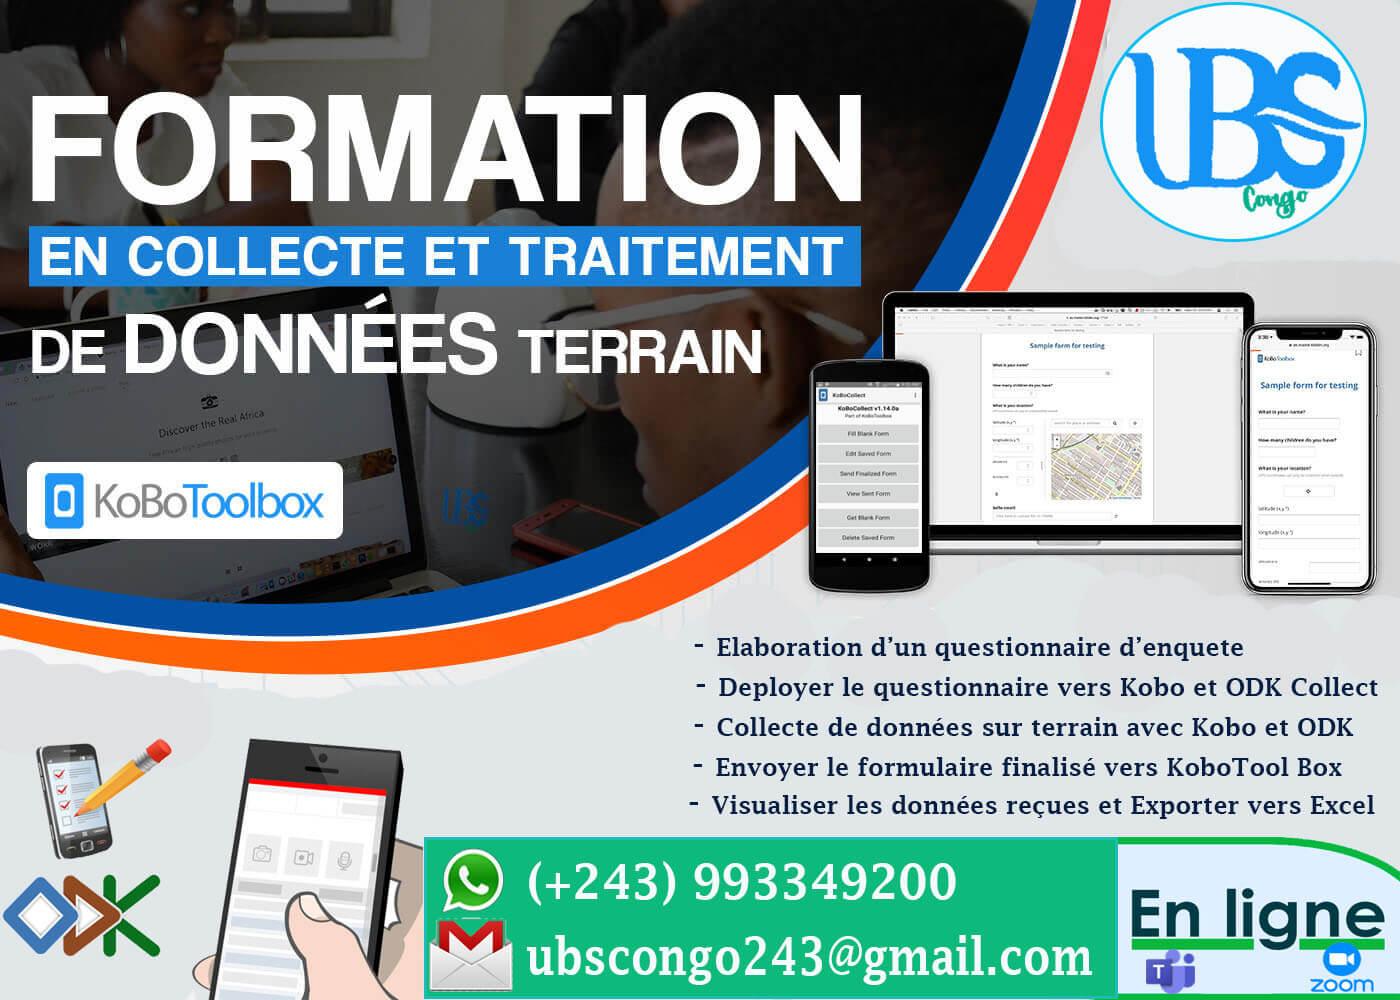 formation-en-collecte-et-traitement-de-donnees-020521090137-img